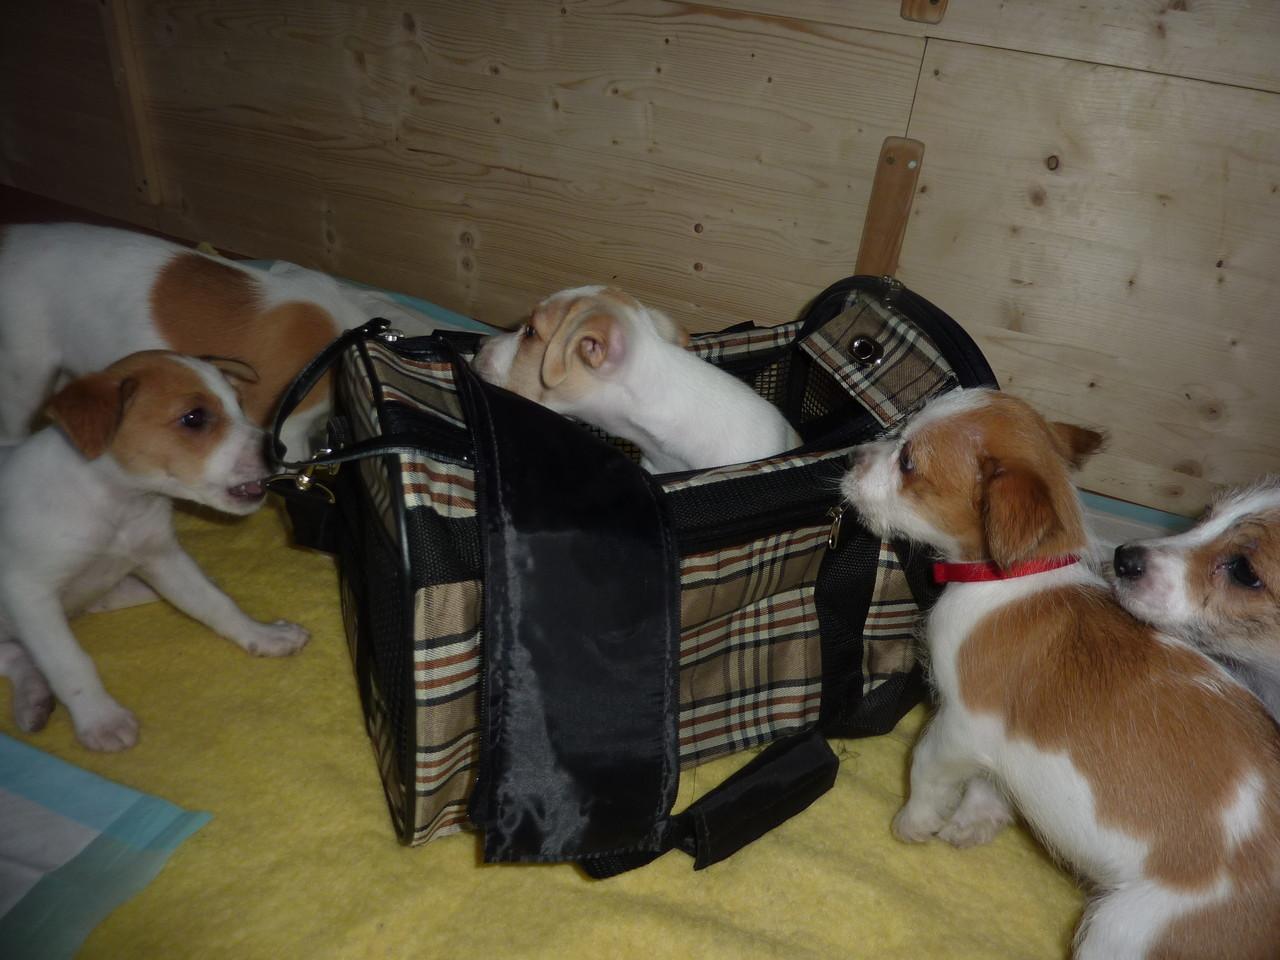 Alle finden die Tasche sehr interessant